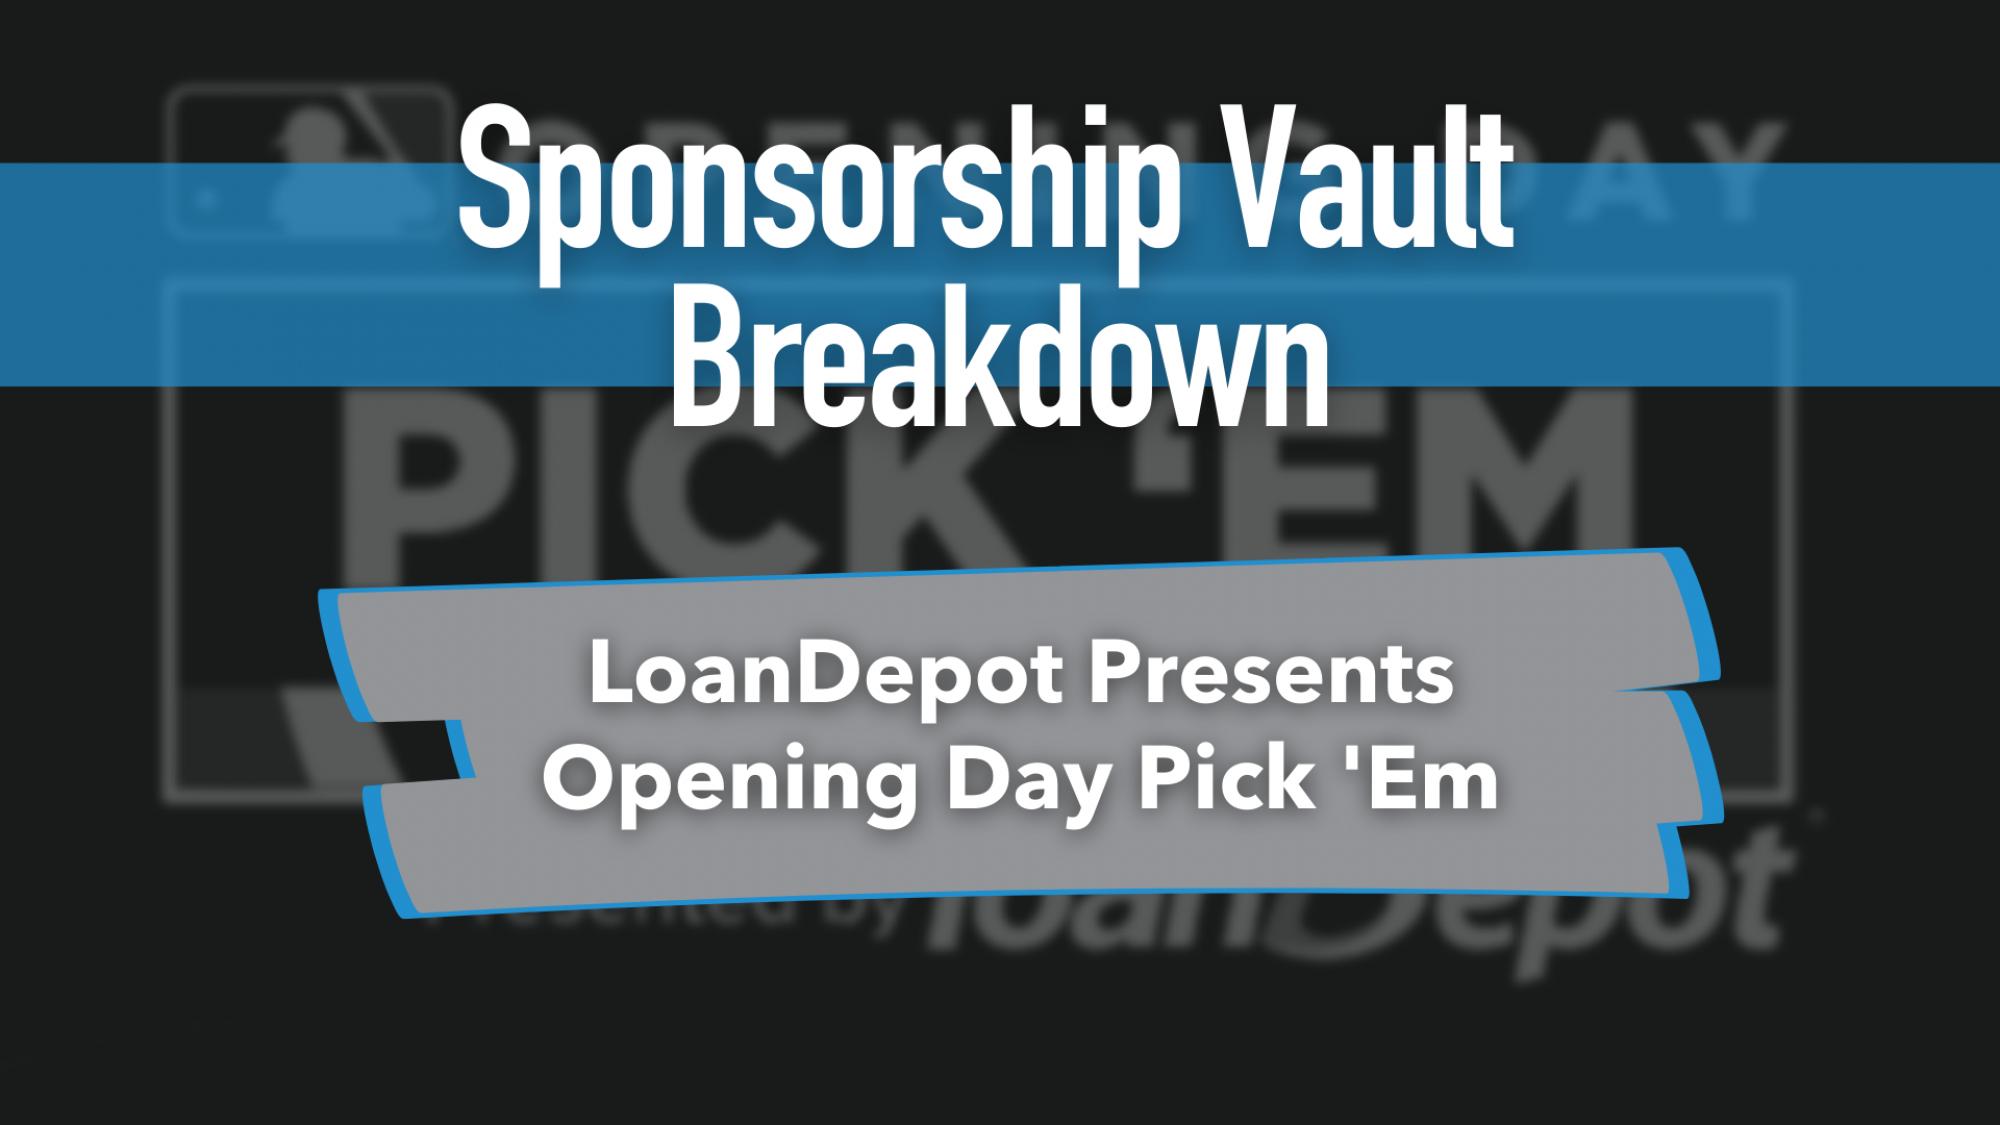 Loan Depot MLB Sponsorship Opening Day